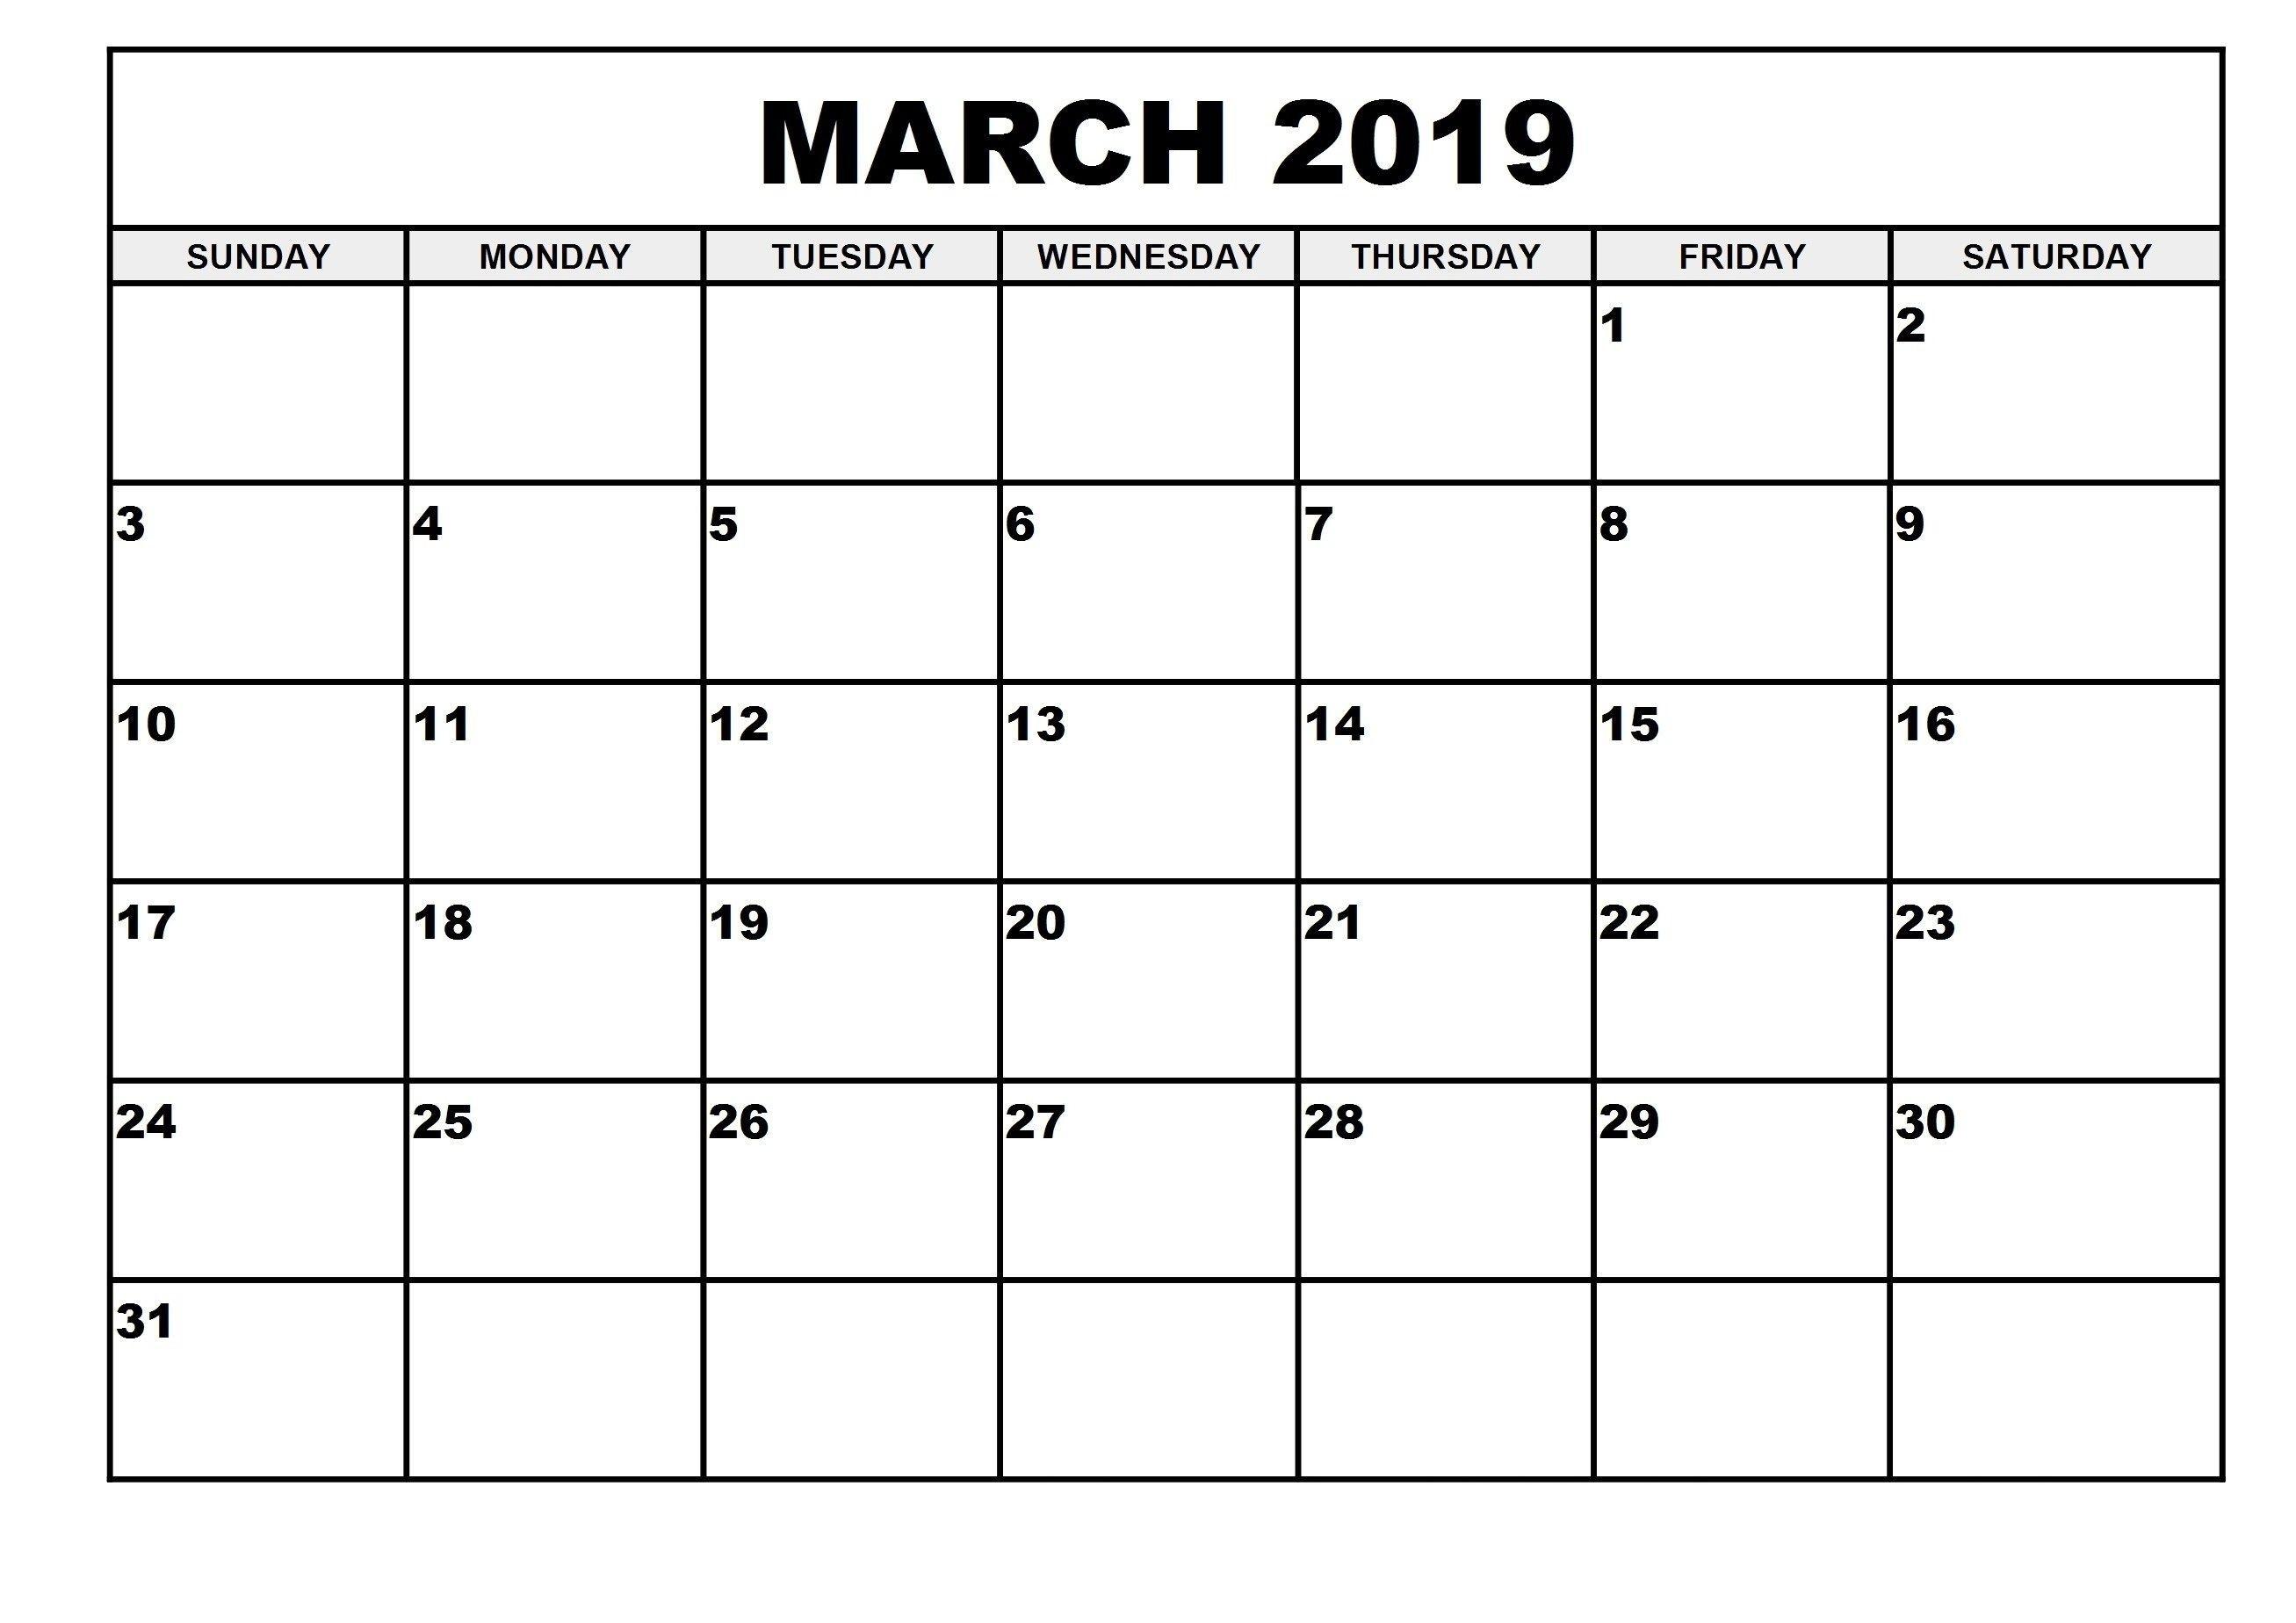 Printable March 2019 Calendar A4 Sheet | Printable March 2019  Calendar Blank Printable Monday Start A4